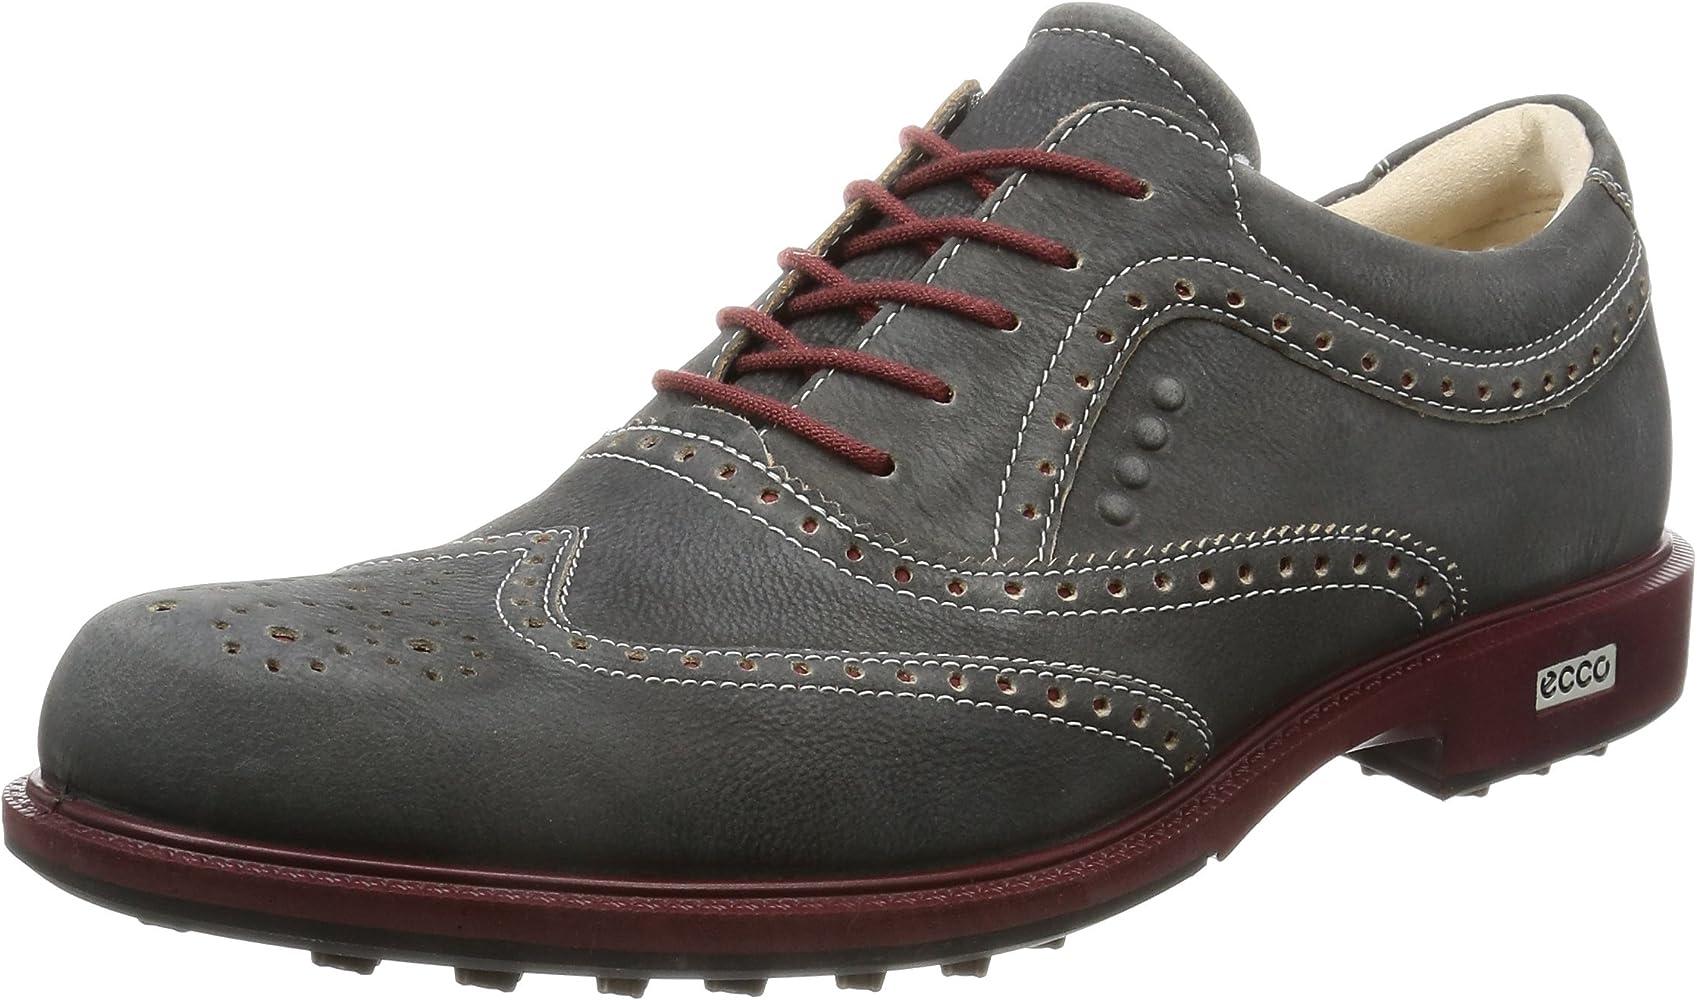 Resultado de imagen para zapatos de golf